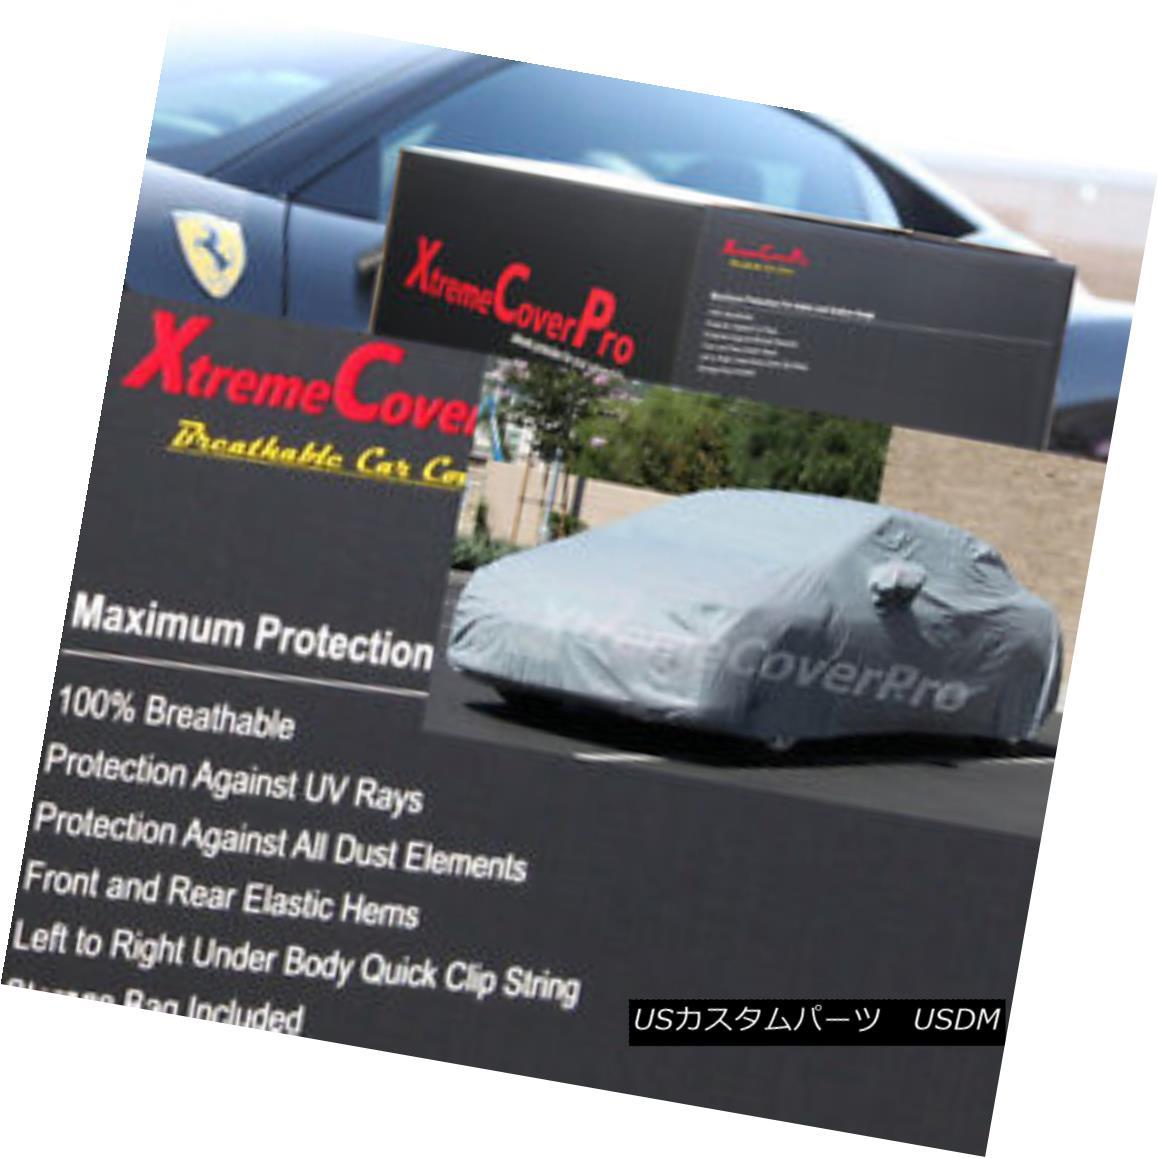 カーカバー 2015 SUBARU IMPREZA 4-DOOR SEDAN Breathable Car Cover w/Mirror Pockets - Gray 2015 SUBARU IMPREZA 4-DOOR SEDAN通気性の車カバー、ミラーポケット付き - グレー